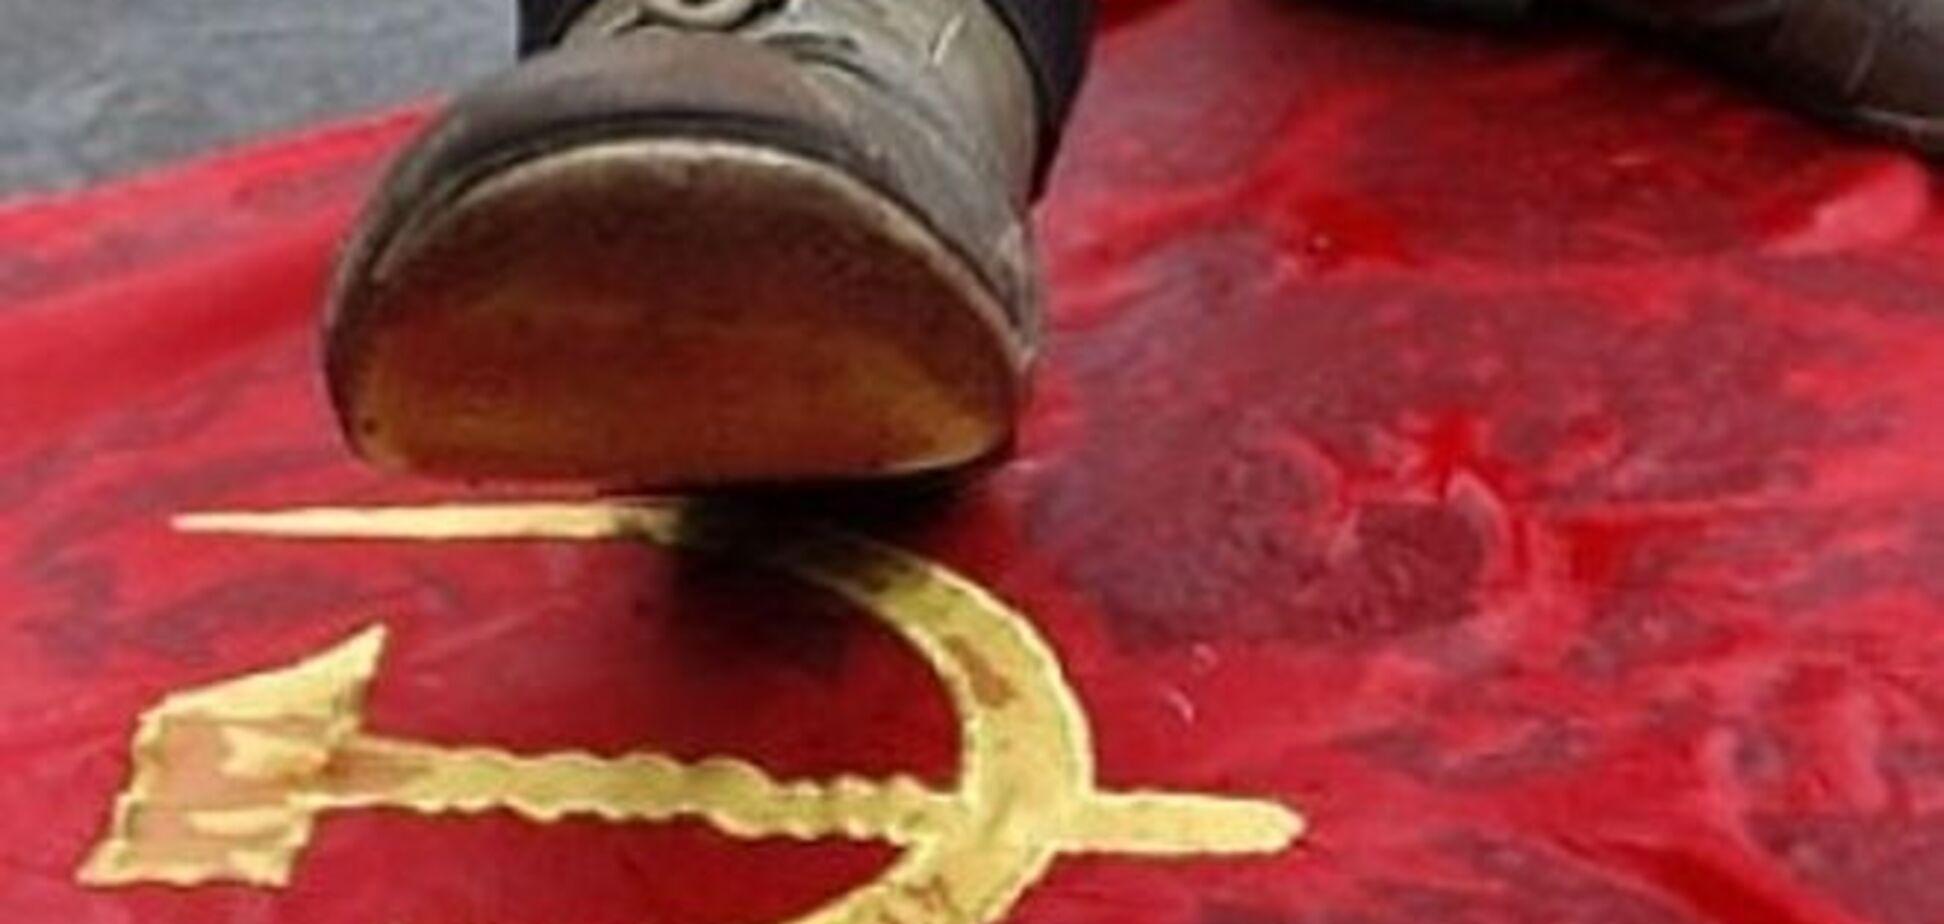 Сеть коммунистов-террористов из 'ЛНР' разоблачили в Днепропетровске